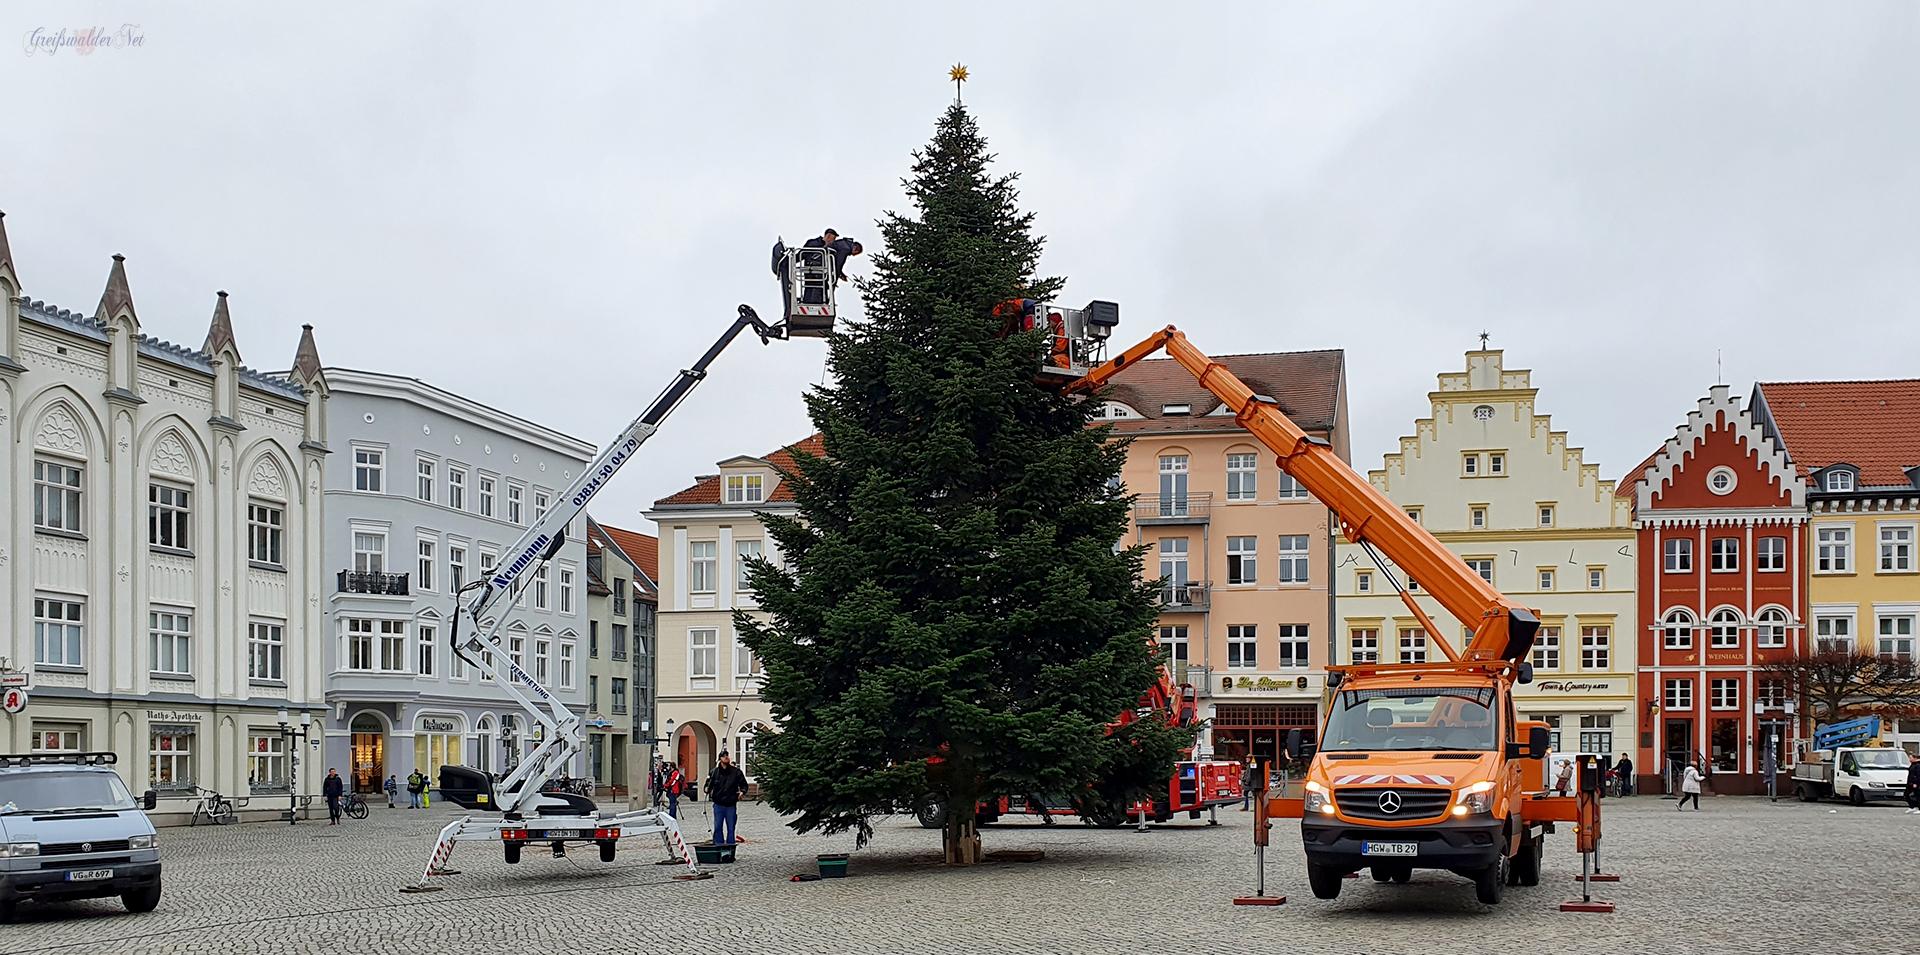 Weihnachtsbaum auf dem Marktplatz Greifswald aufgestellt